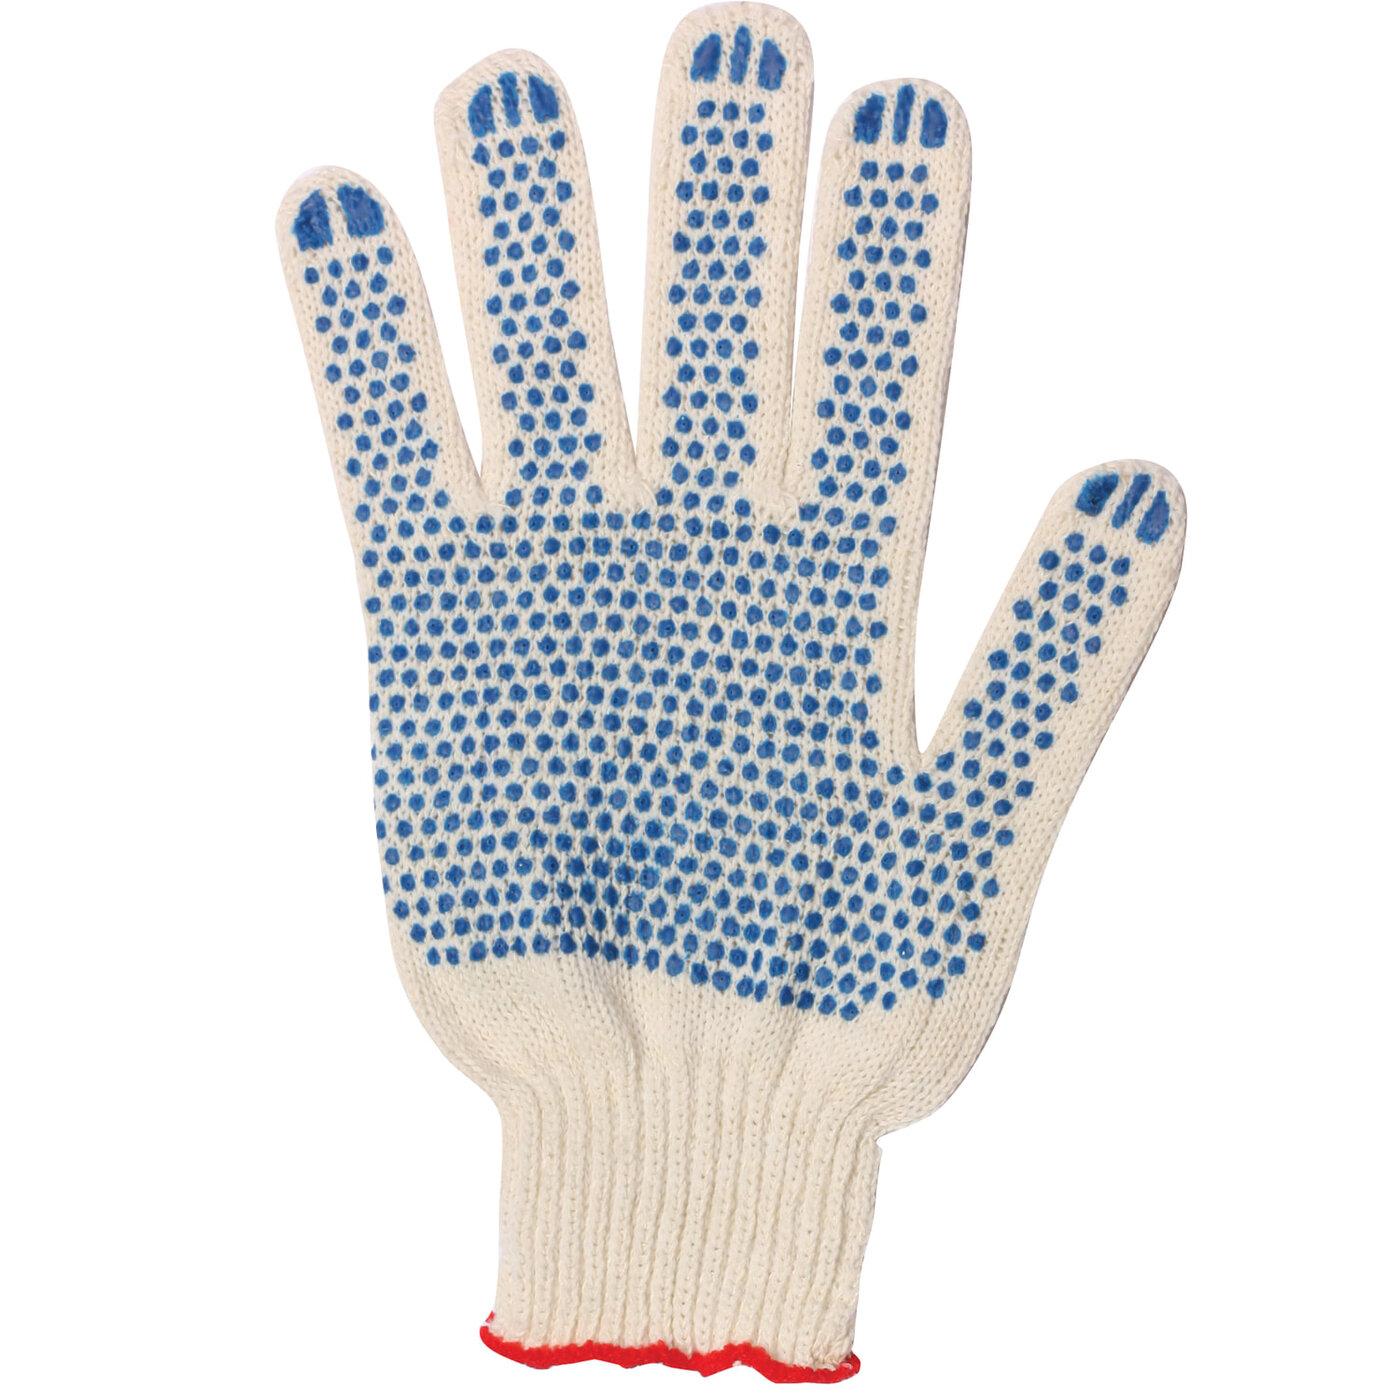 Перчатки хлопчатобумажные, комплект 300 пар, 7,5 класс, 46-48 г, 166 текс, ПВХ точка, Лайма стандарт, белые, 600994